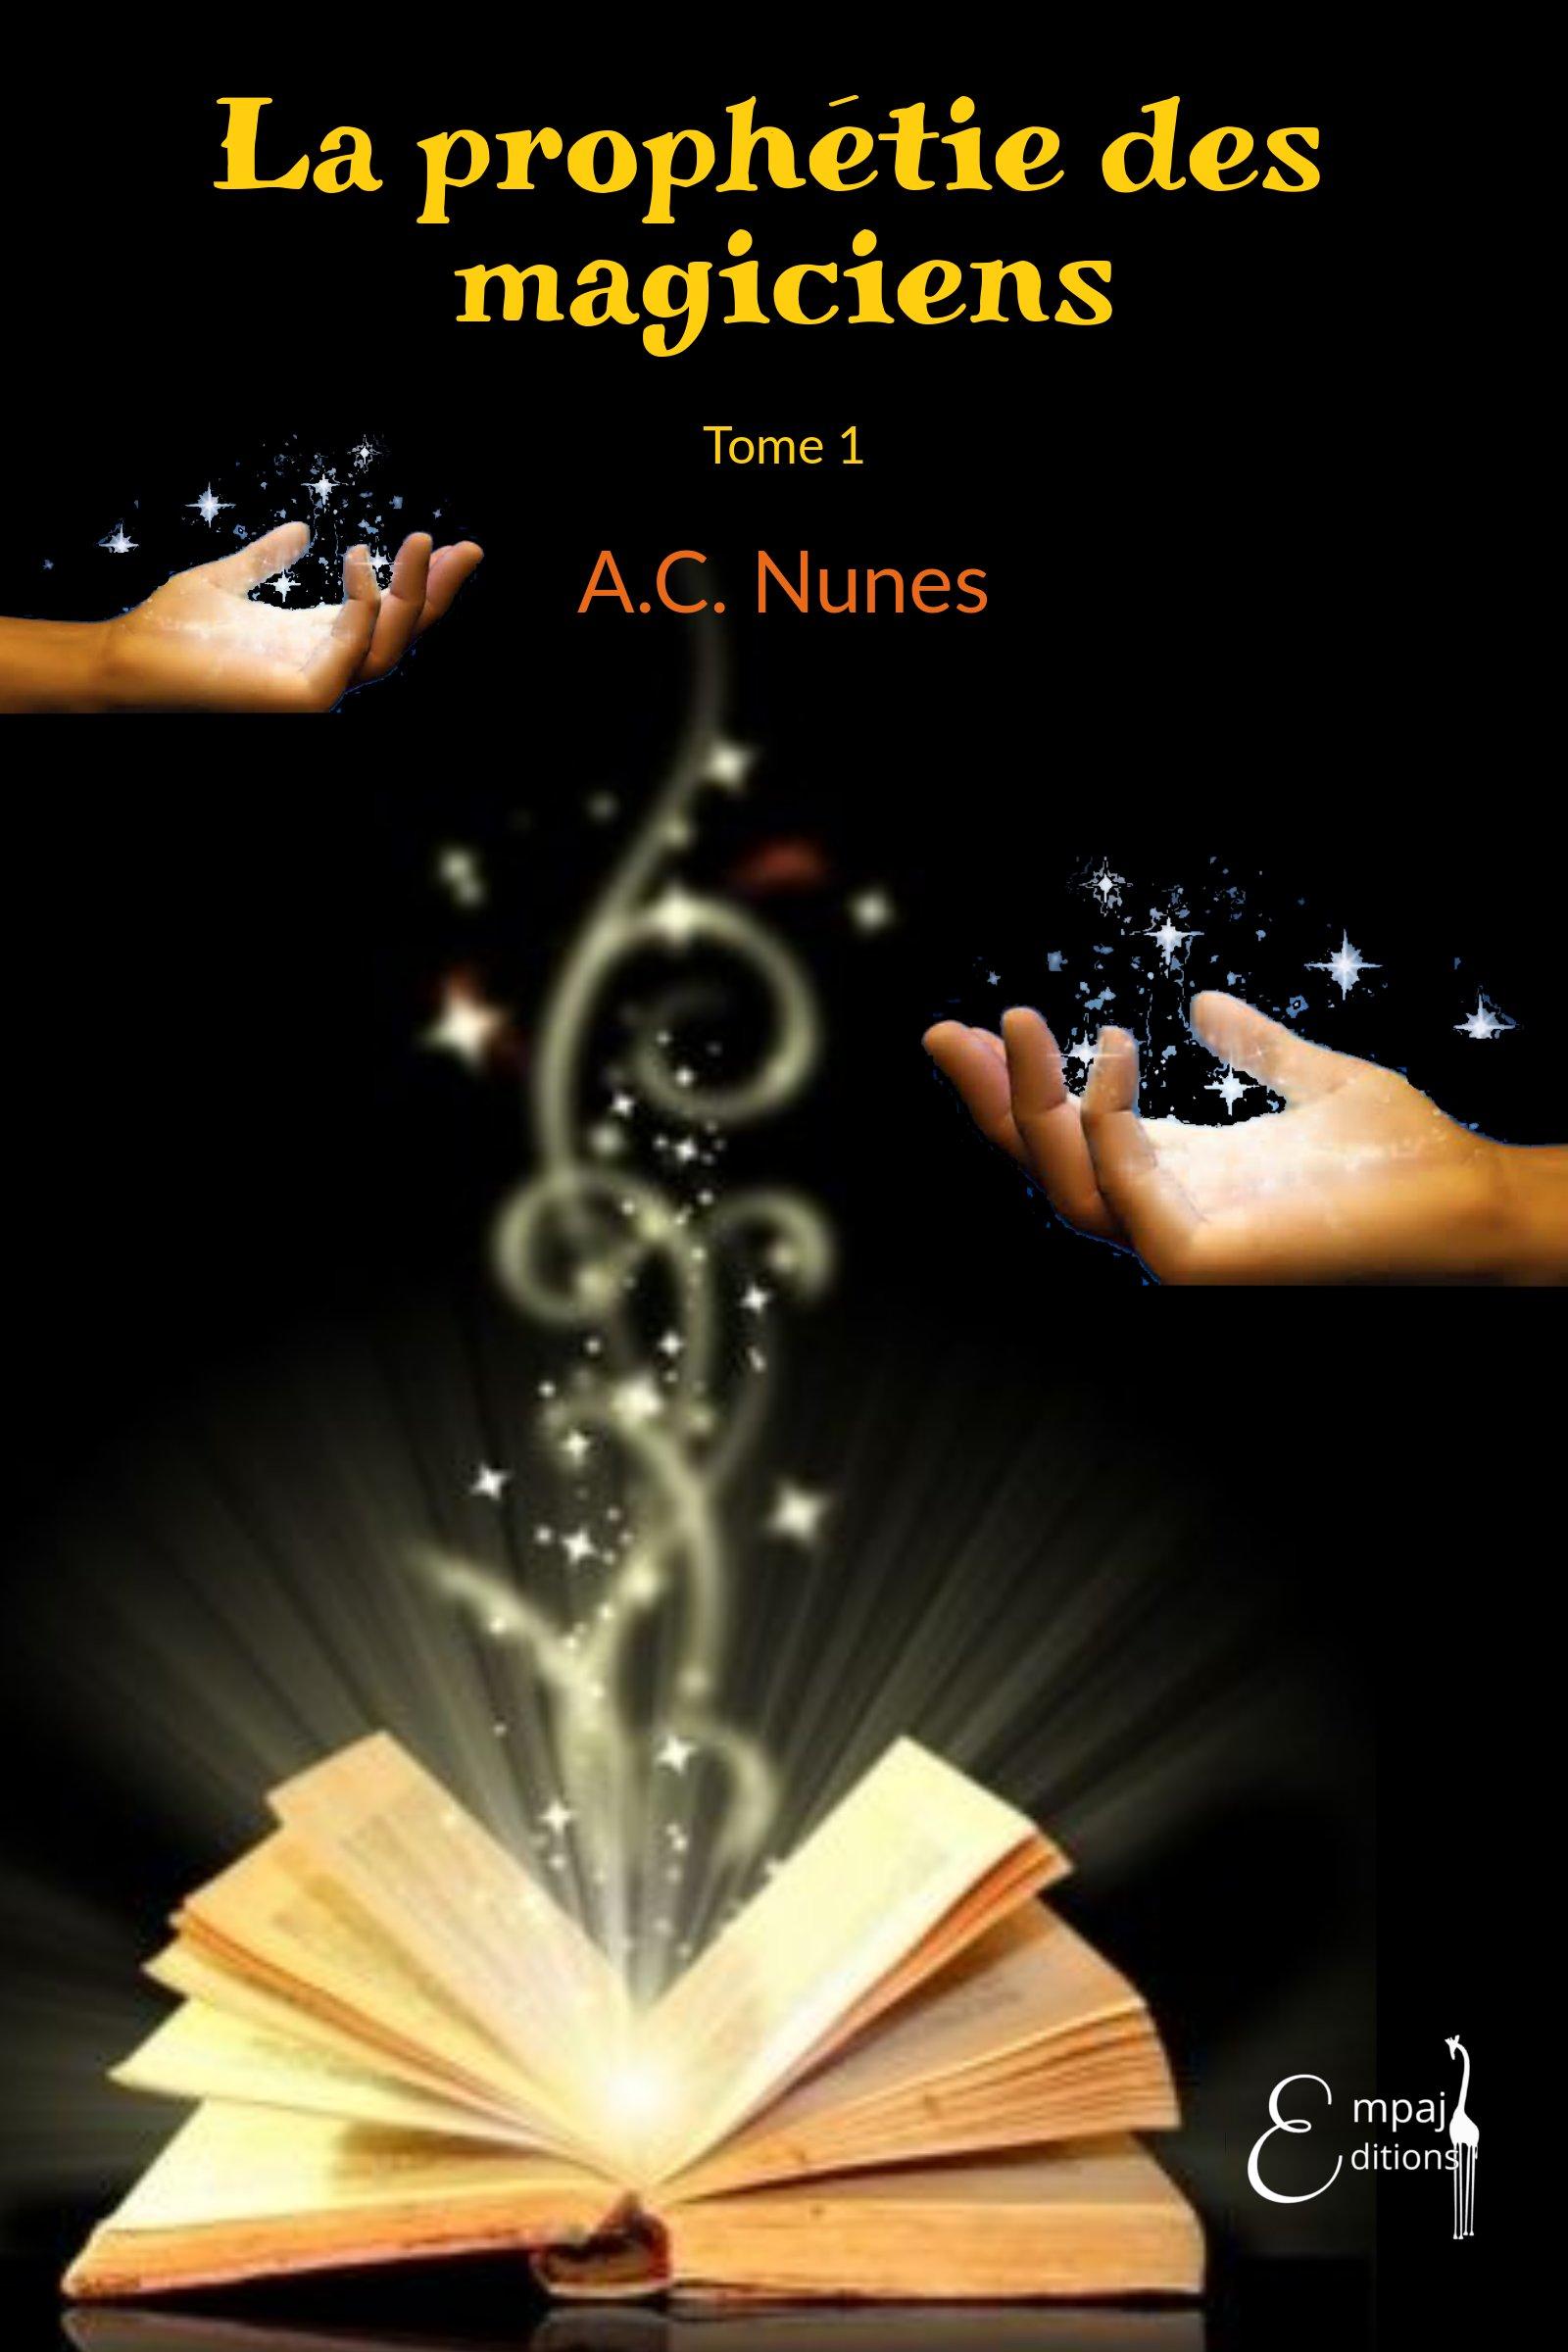 La prophétie des magiciens